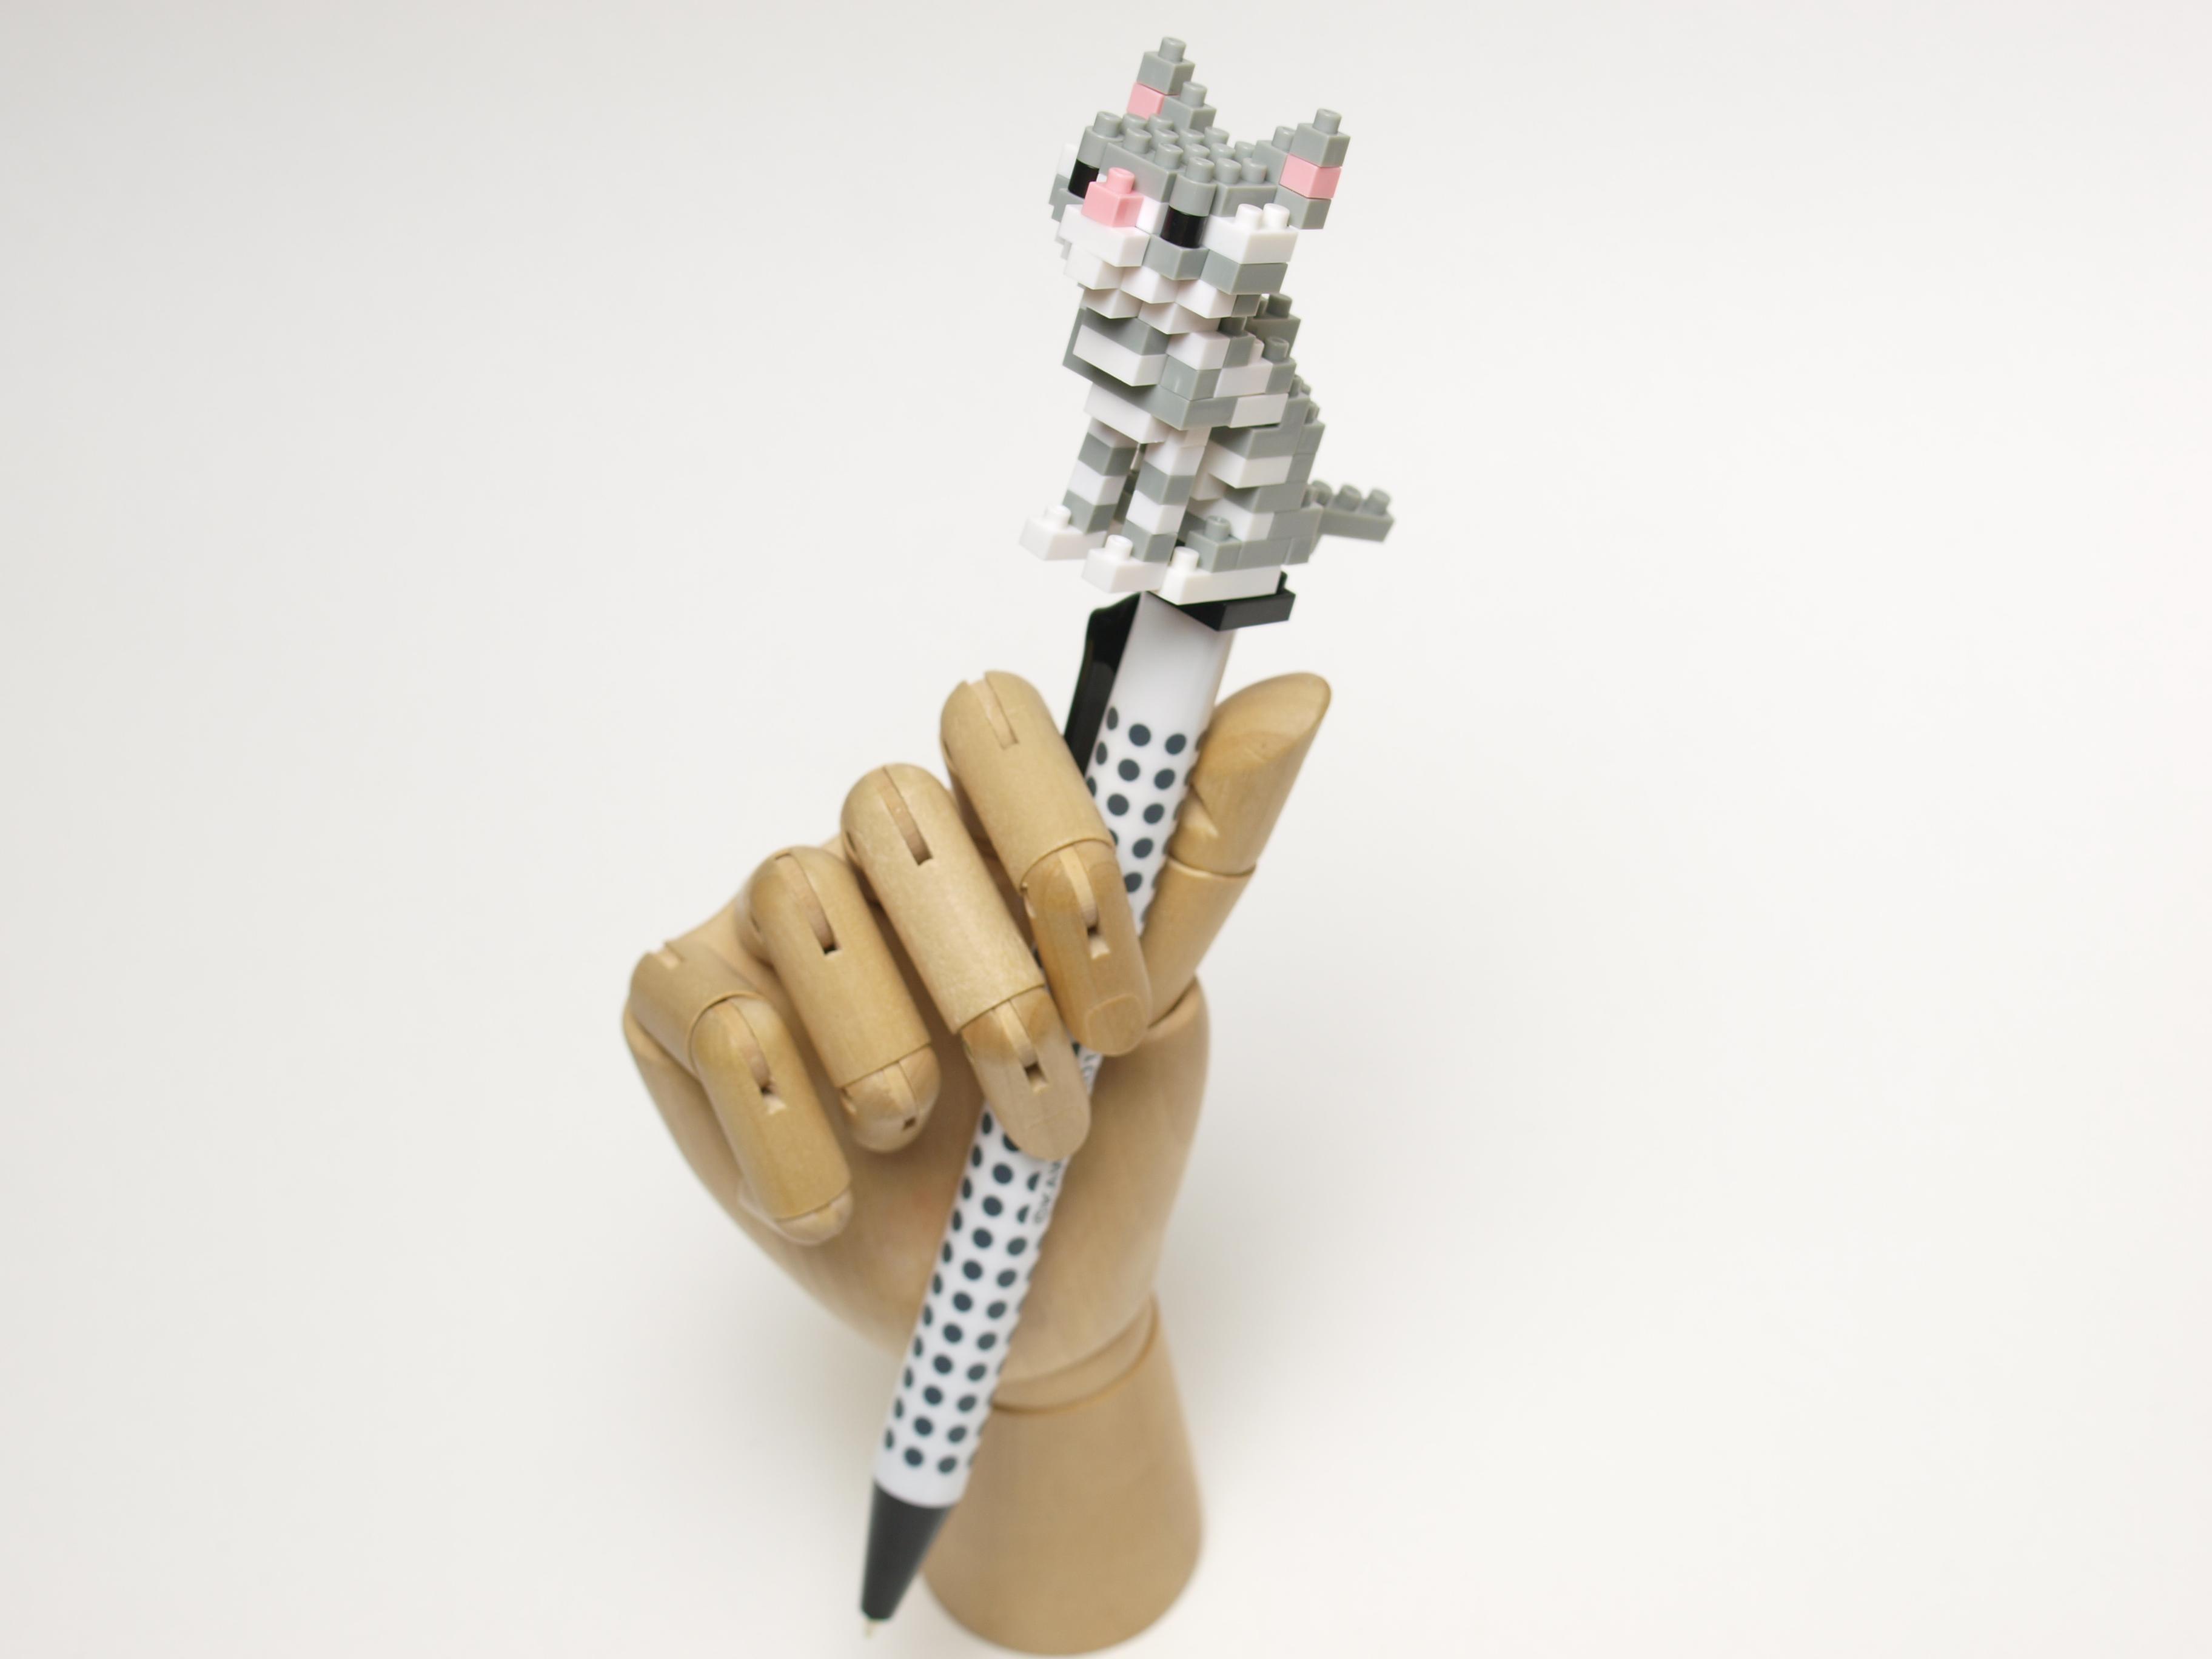 nanoblock pen